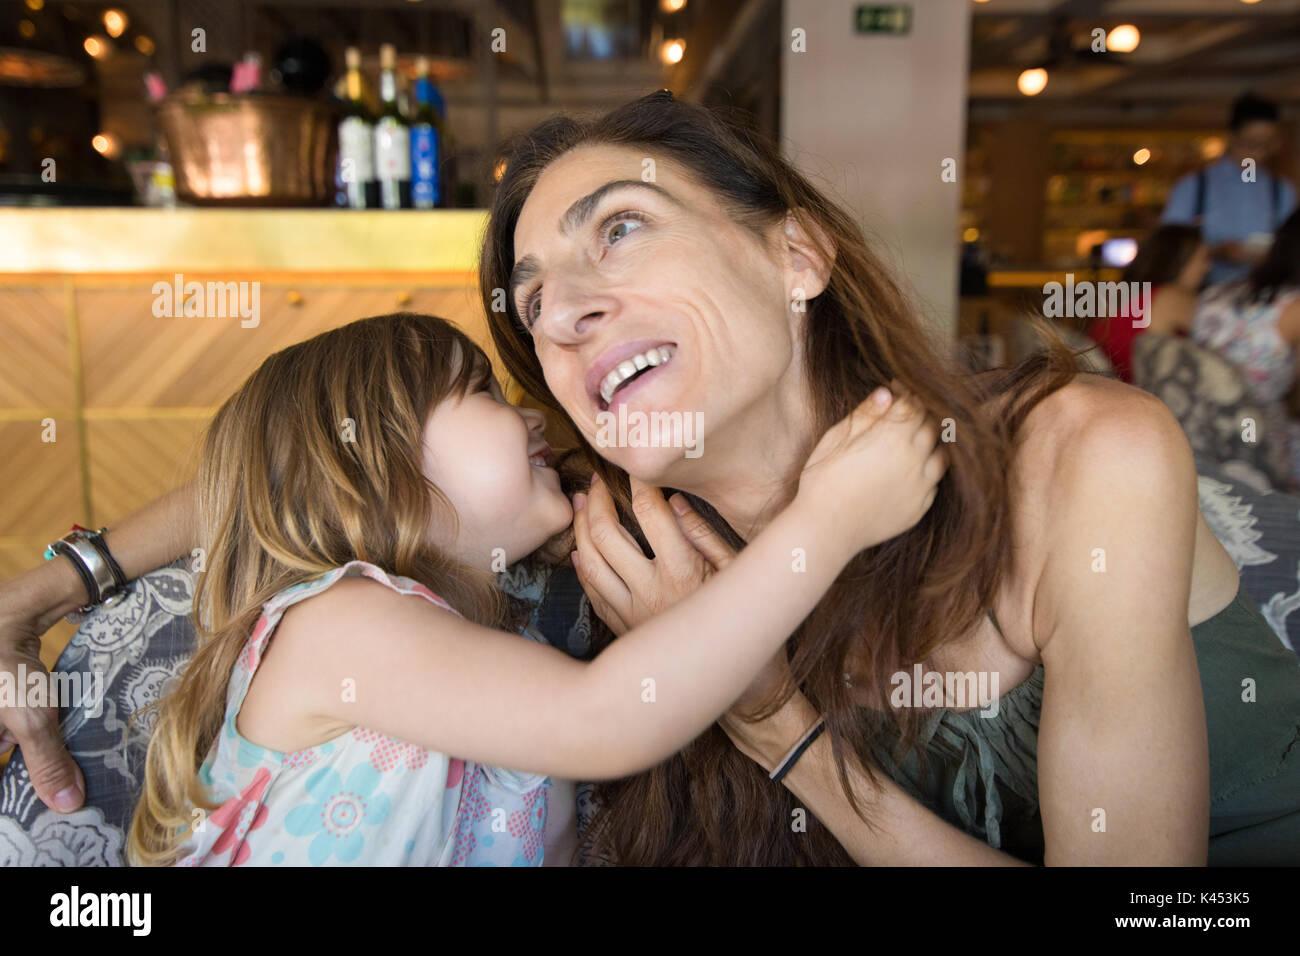 Trois ans fille blonde parler dans l'oreille de femme mère sitting in restaurant Photo Stock